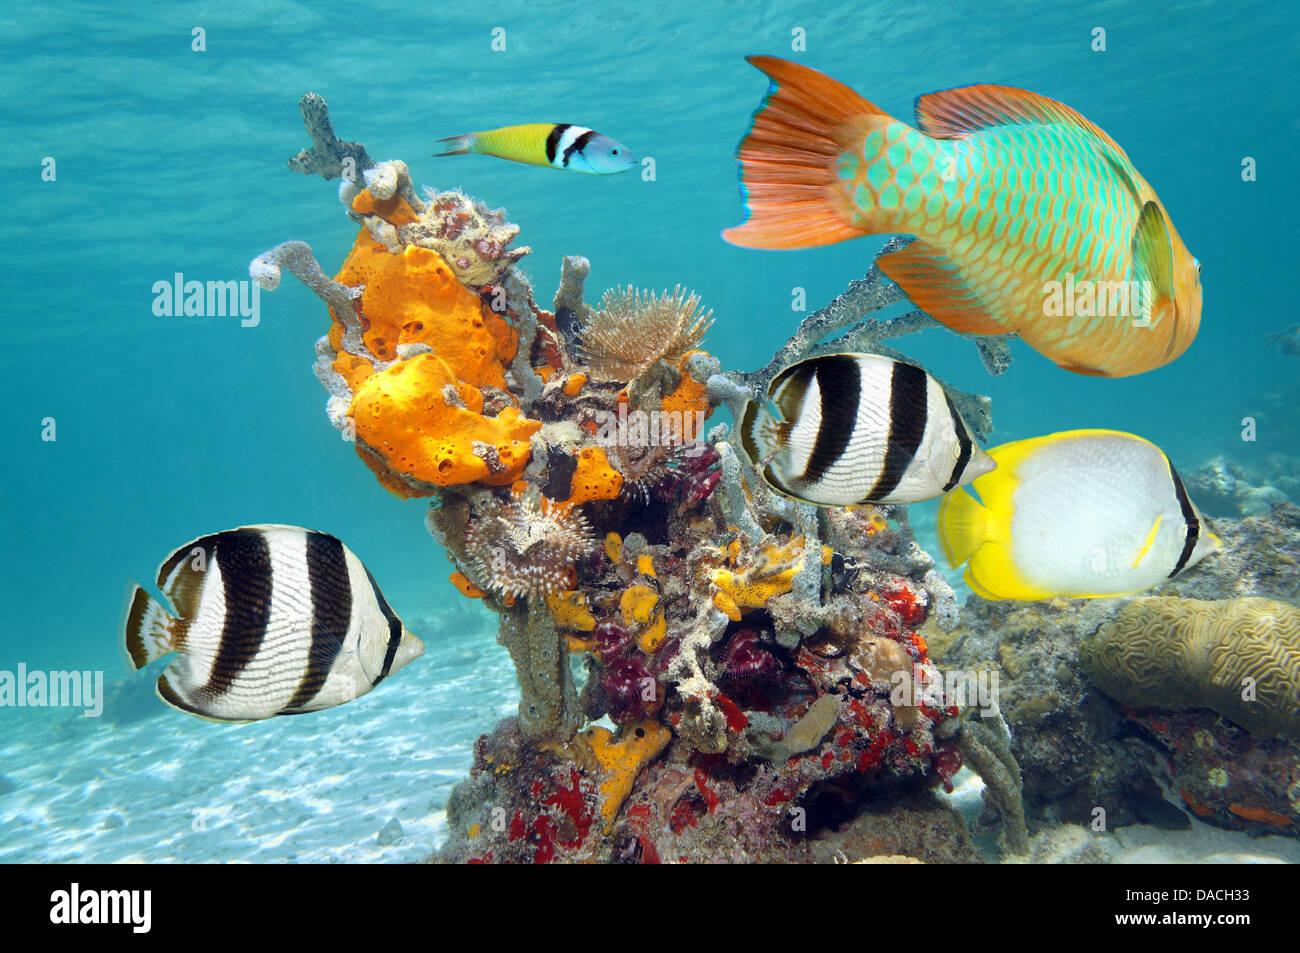 Lebendigen Farben der Unterwasserwelt in einem Korallenriff mit bunten Fischen, Schwämme und Röhrenwürmer Stockbild